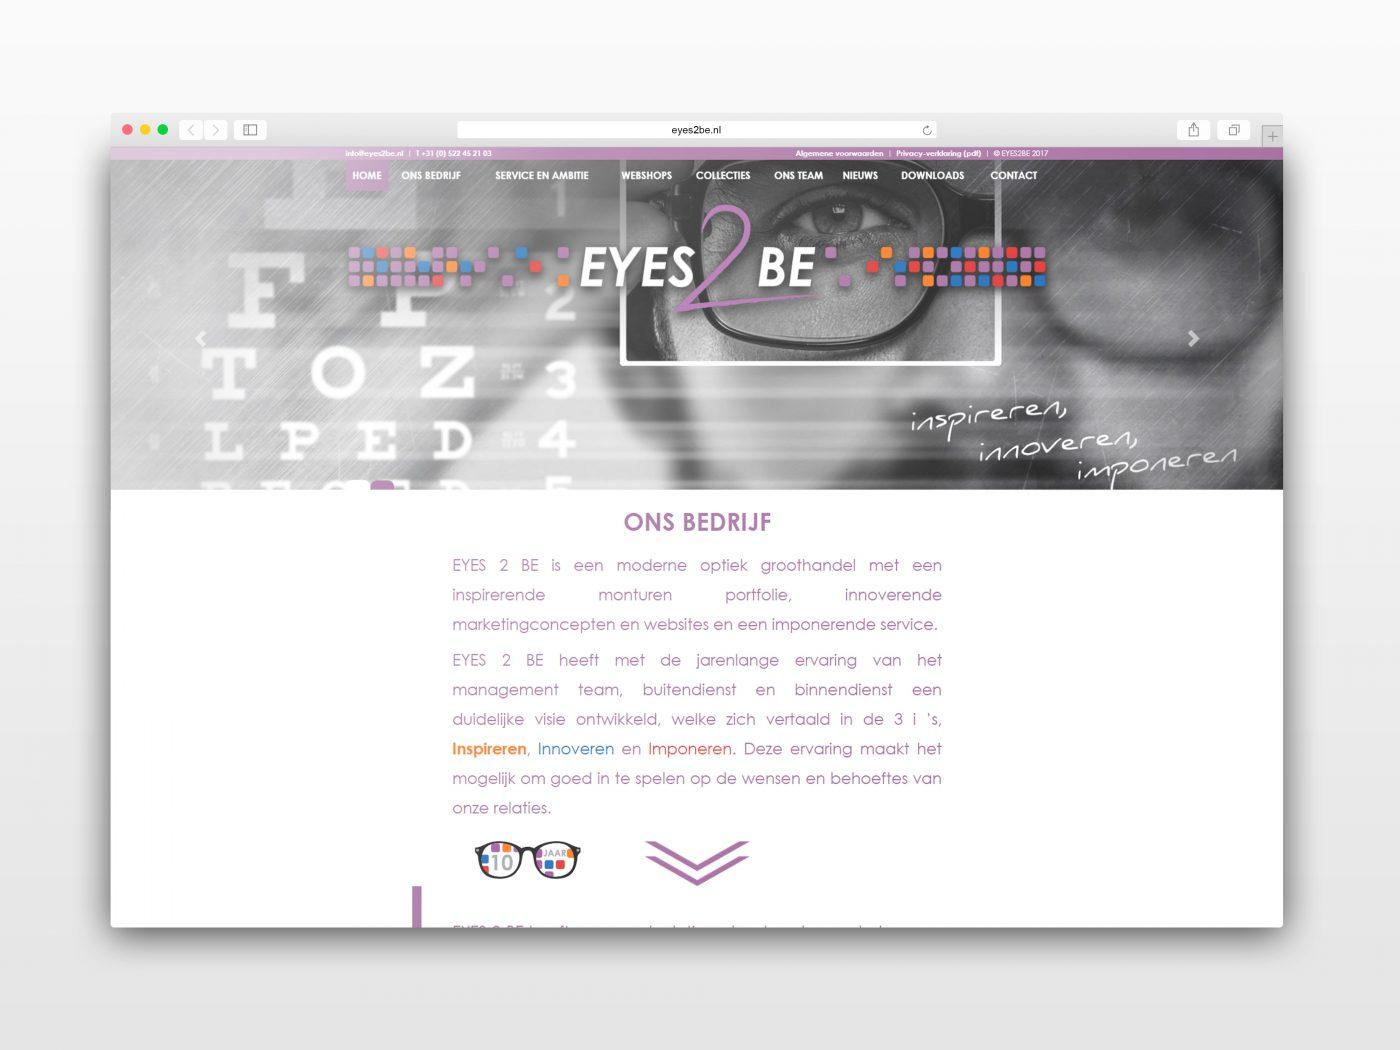 Eyes2be